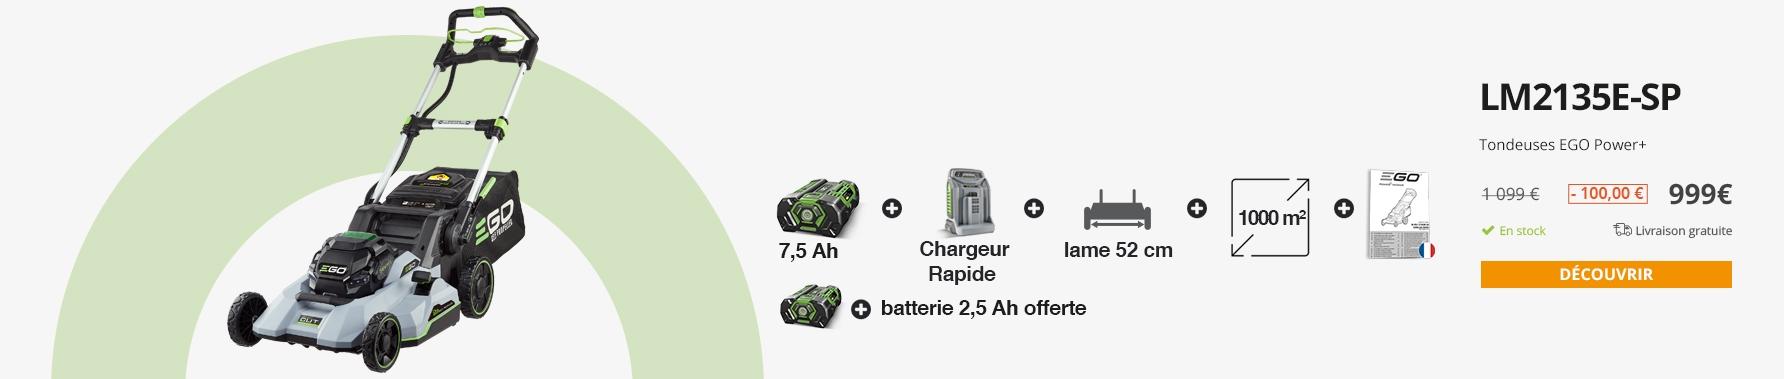 Tondeuse à gazon tractée Ego Power double lame 52 cm batterie 7,5Ah chargeur rapide inclus LM2135E-SP